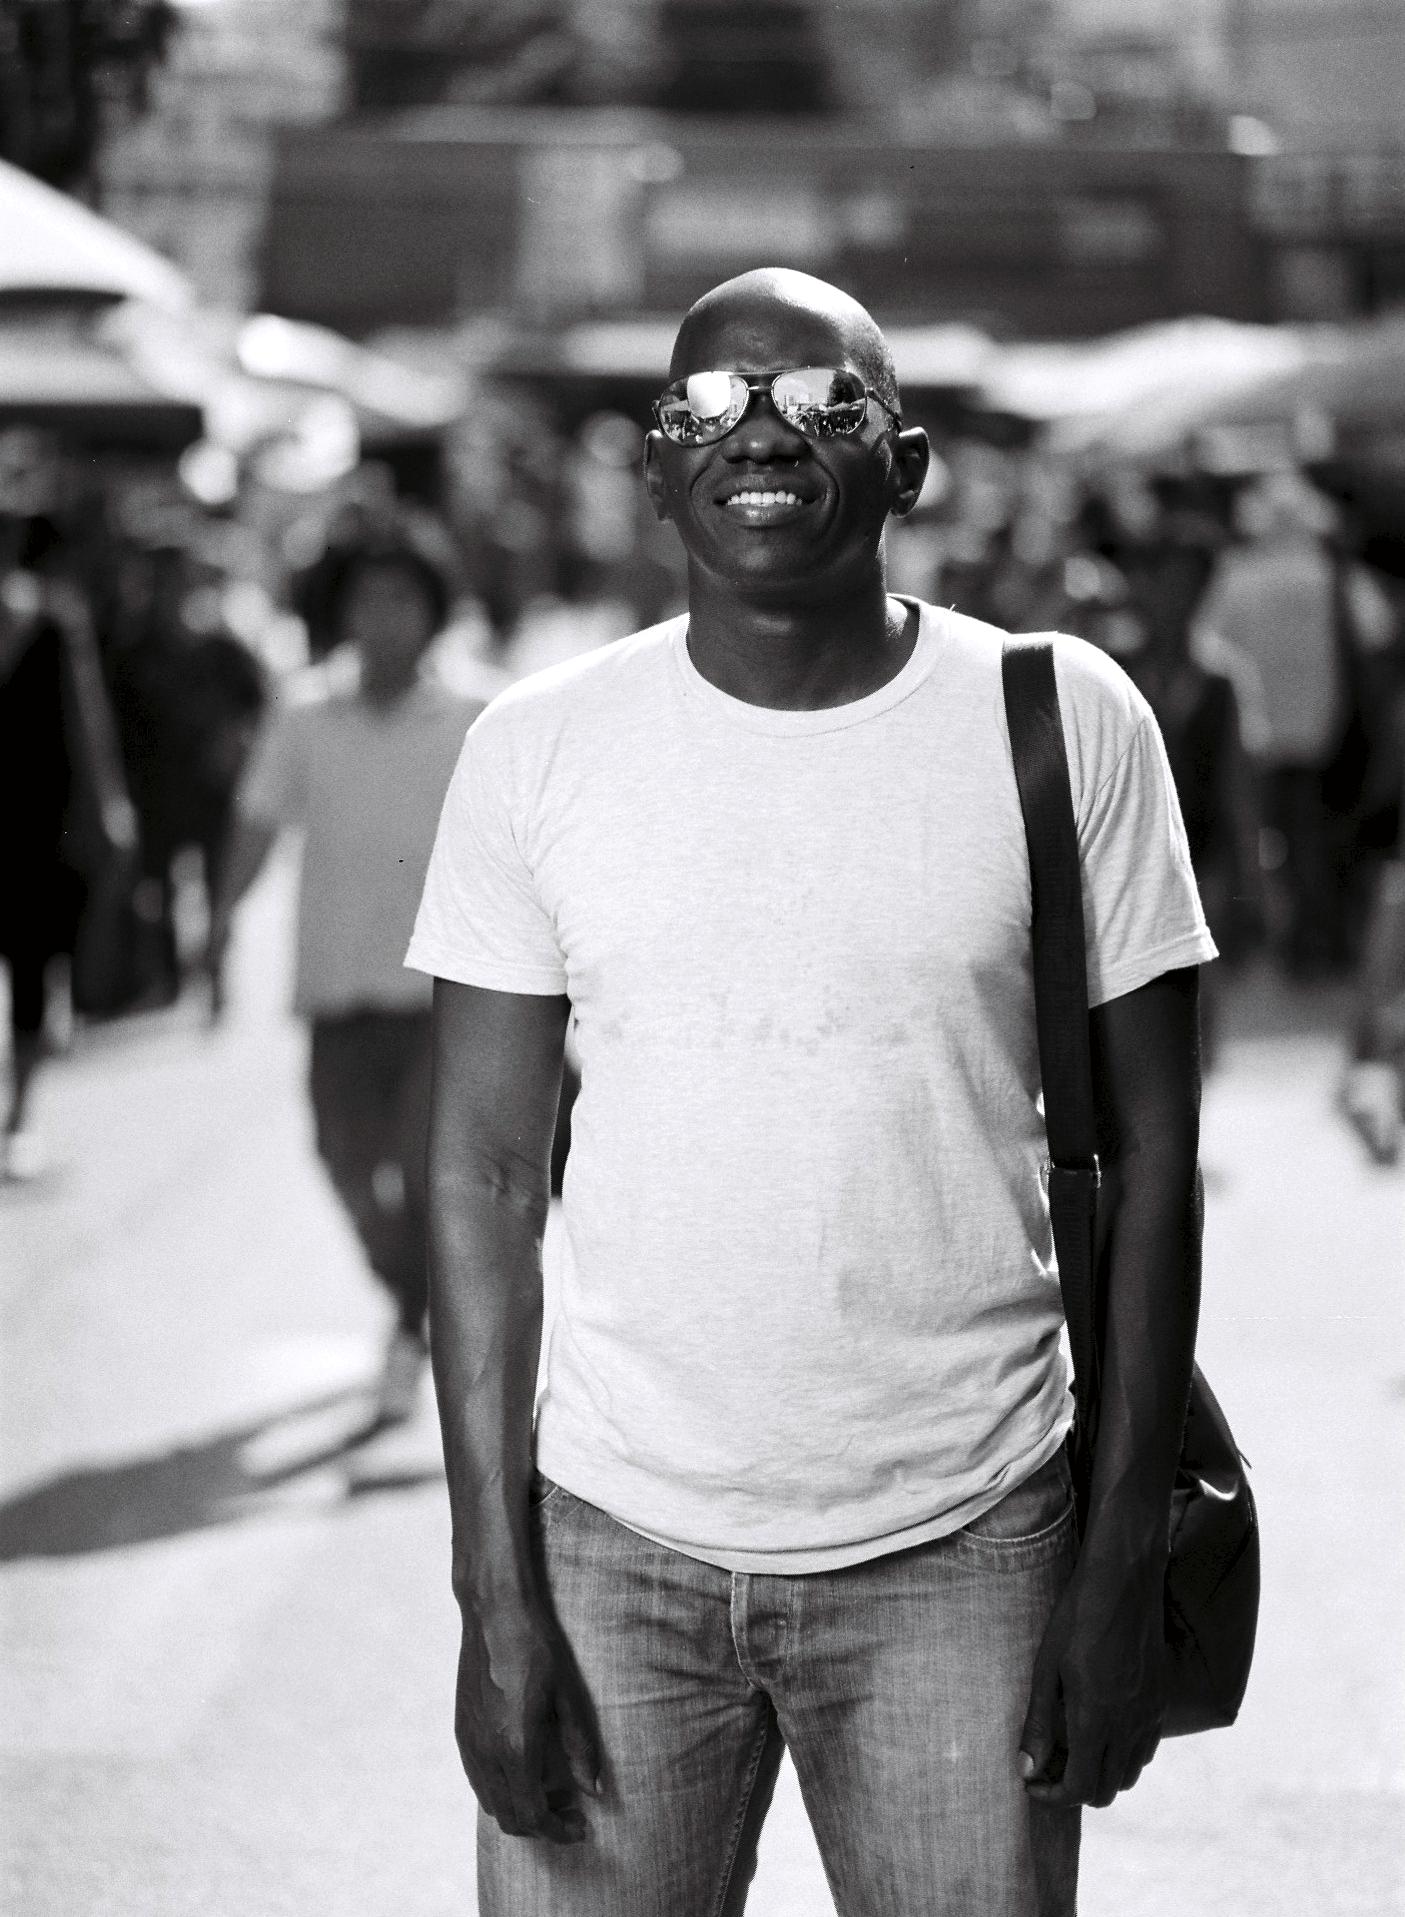 """""""한번 사는 인생, 이러쿵 저러쿵 다투지 마세요. """"  -케냐에서 온 사무엘이.  """"You live life once, don't let it be a hassle.""""  -Samuel, from Kenya"""